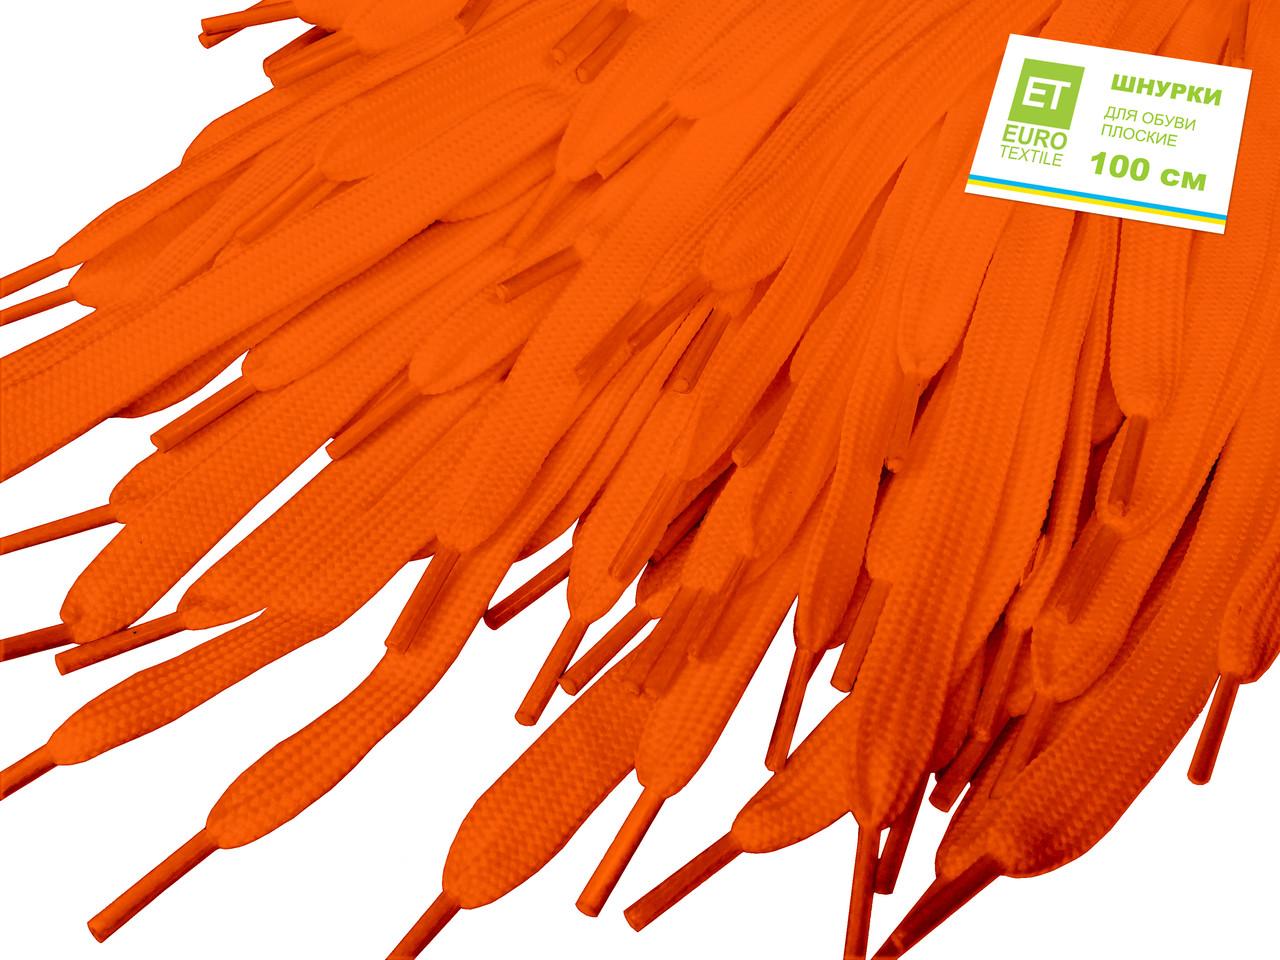 Шнурки для обуви (100см) плоские, оранжевые